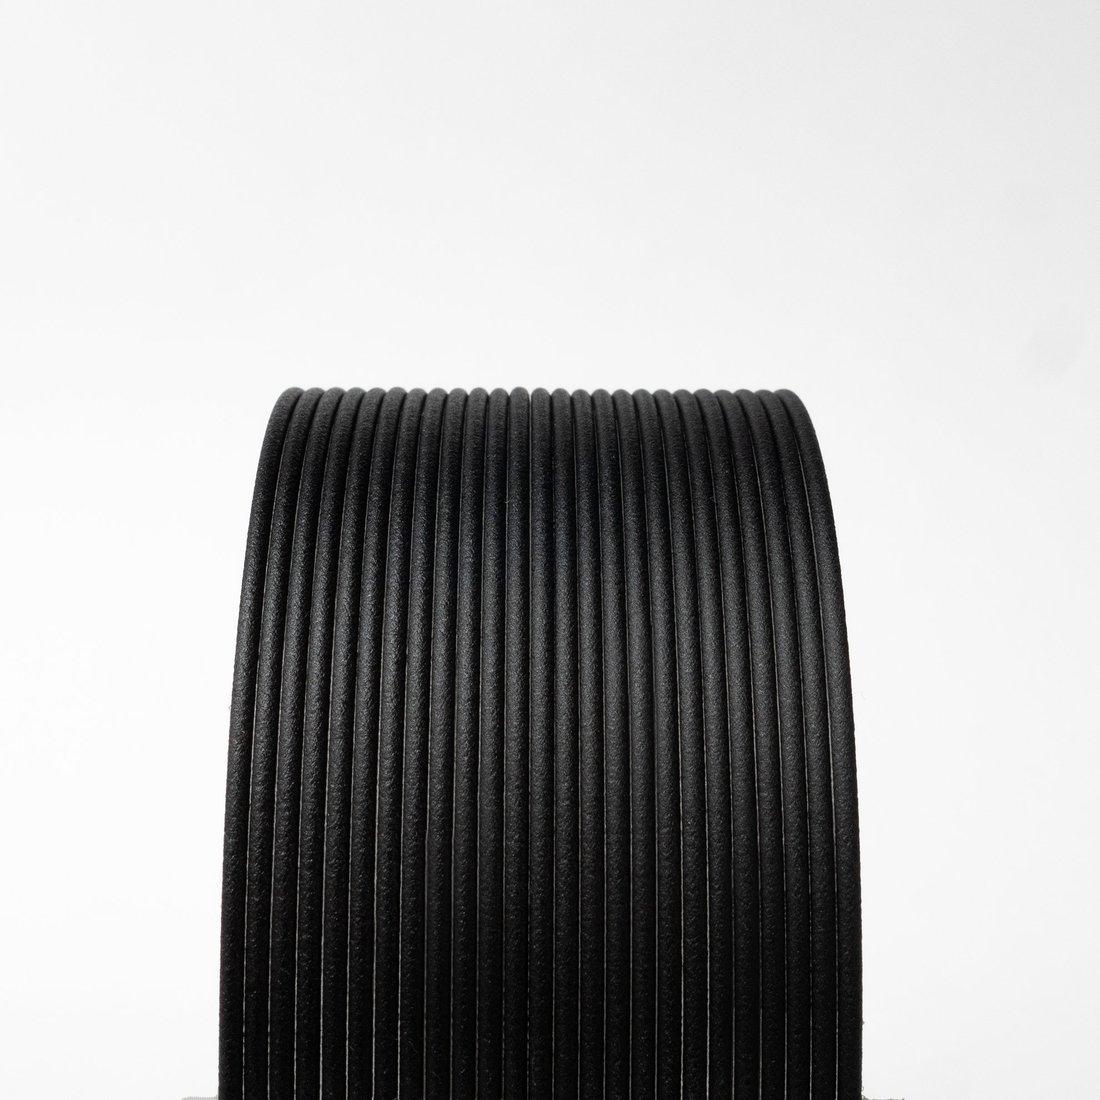 PLA Carbon Fiber